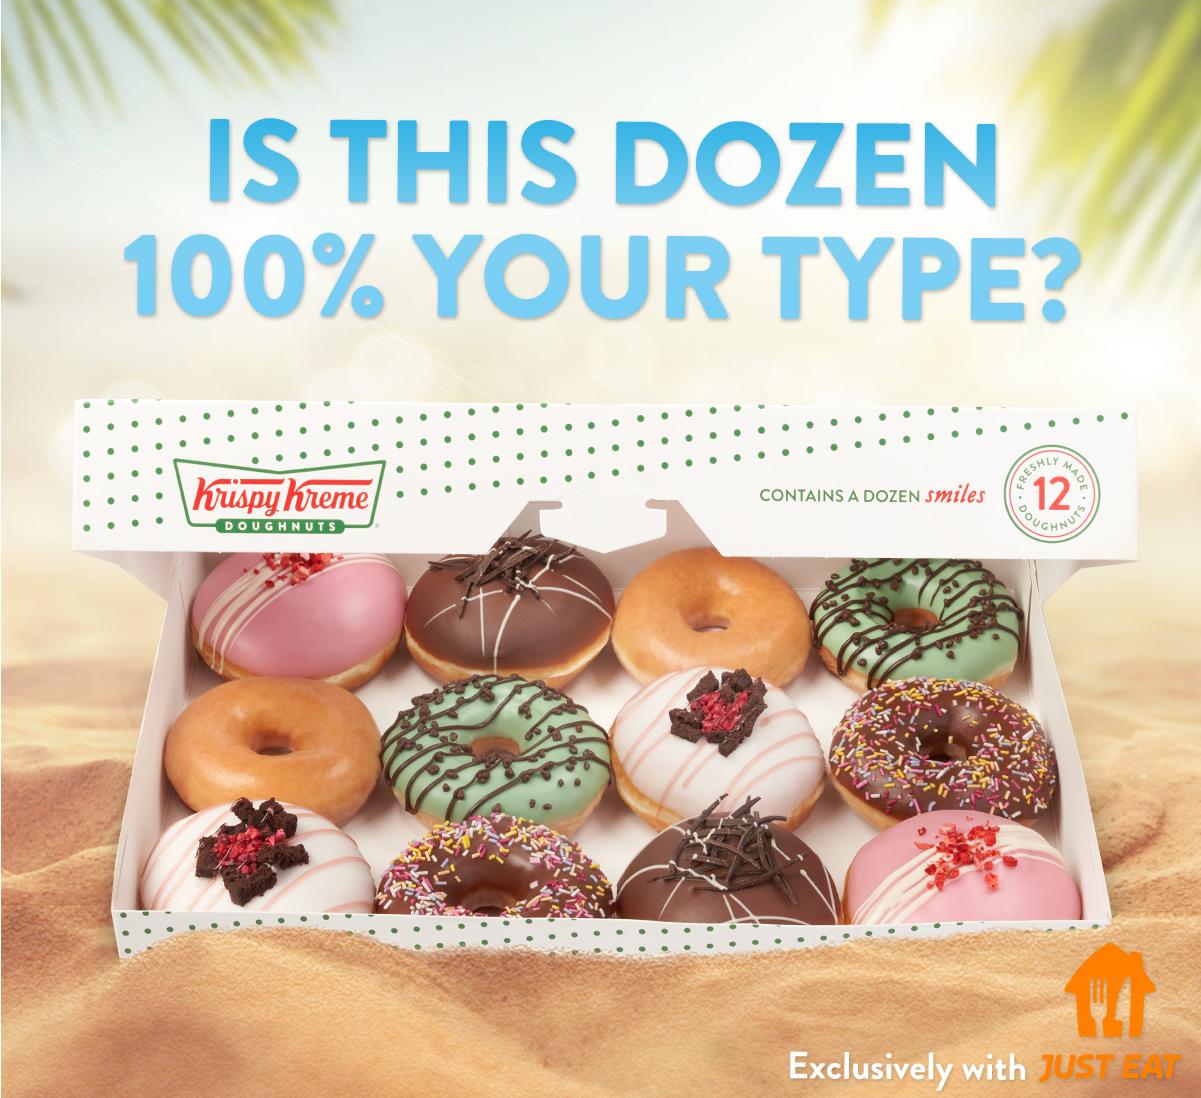 £1 off 3 pack Krispy Kreme Doughnut (Scan at checkout) from Tesco